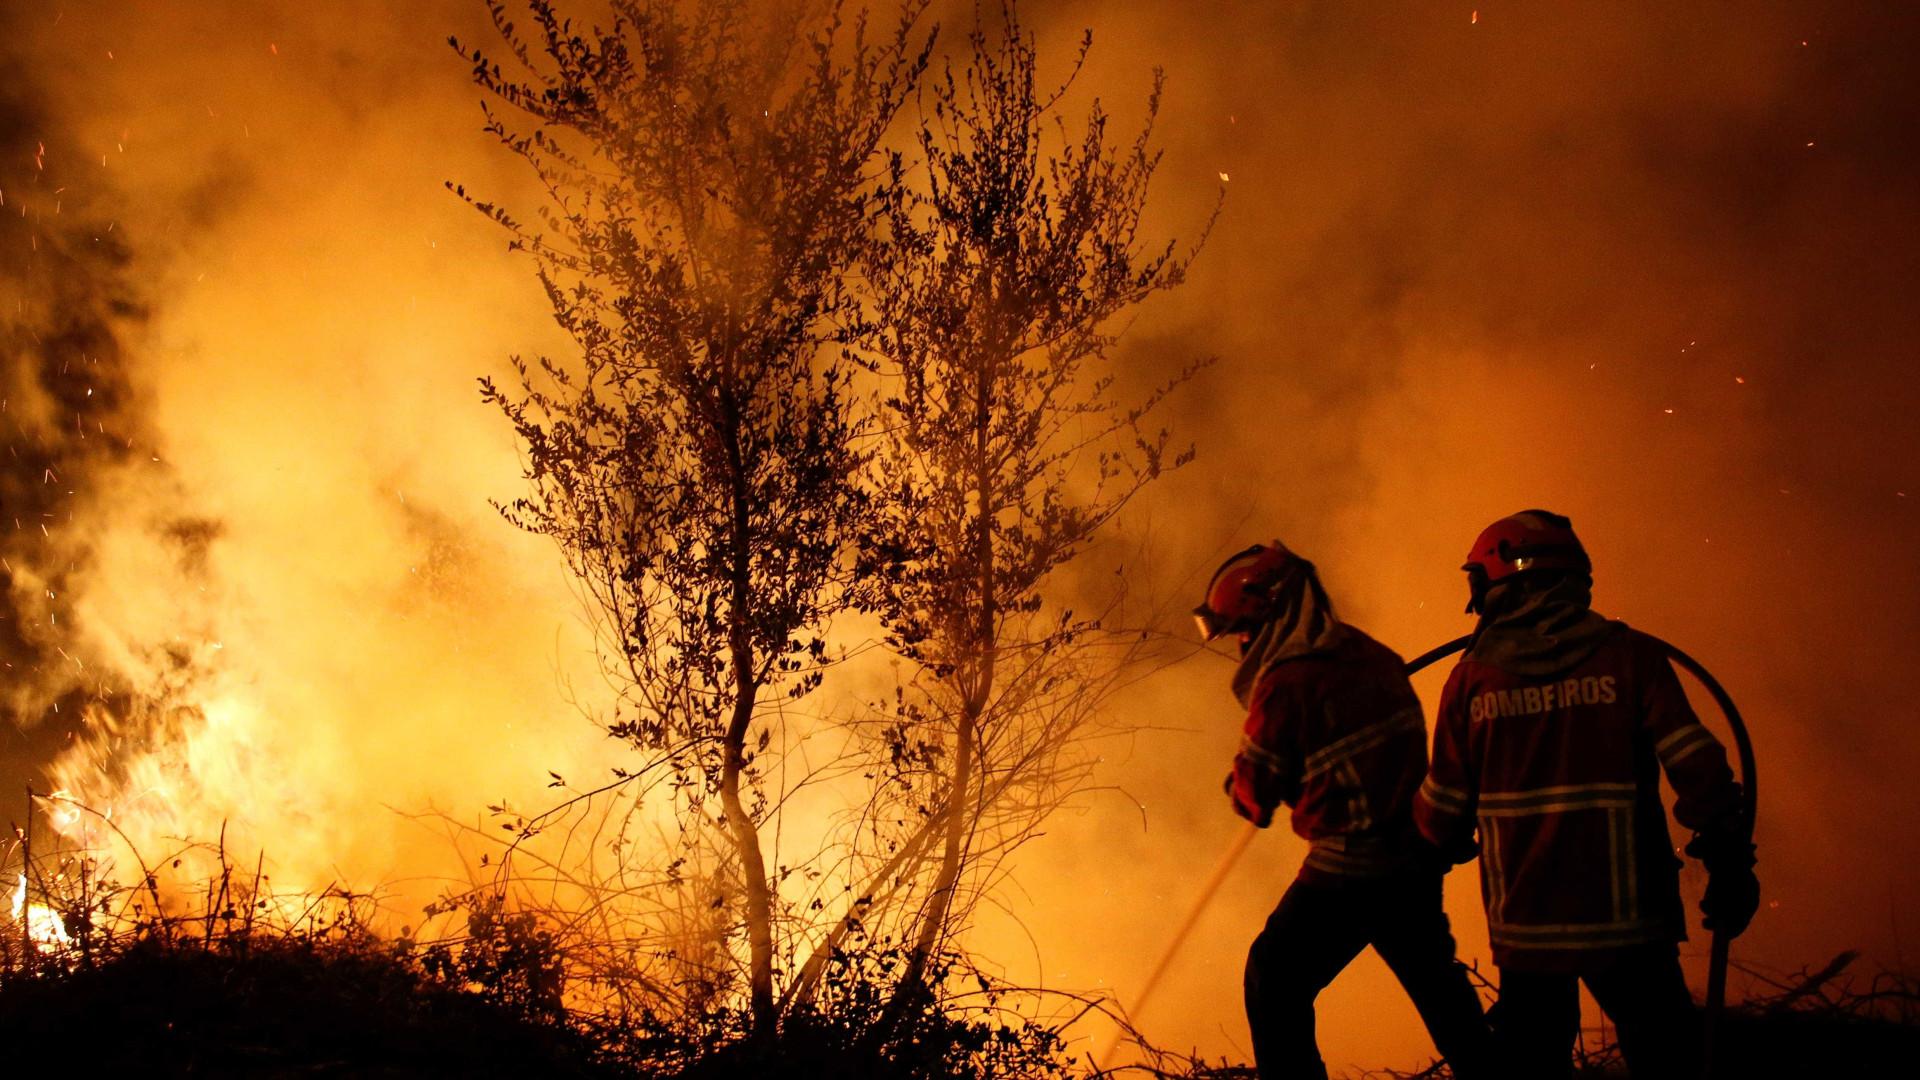 Número de mortes nos incêndios não subiu para 44. Autarquia pede desculpa